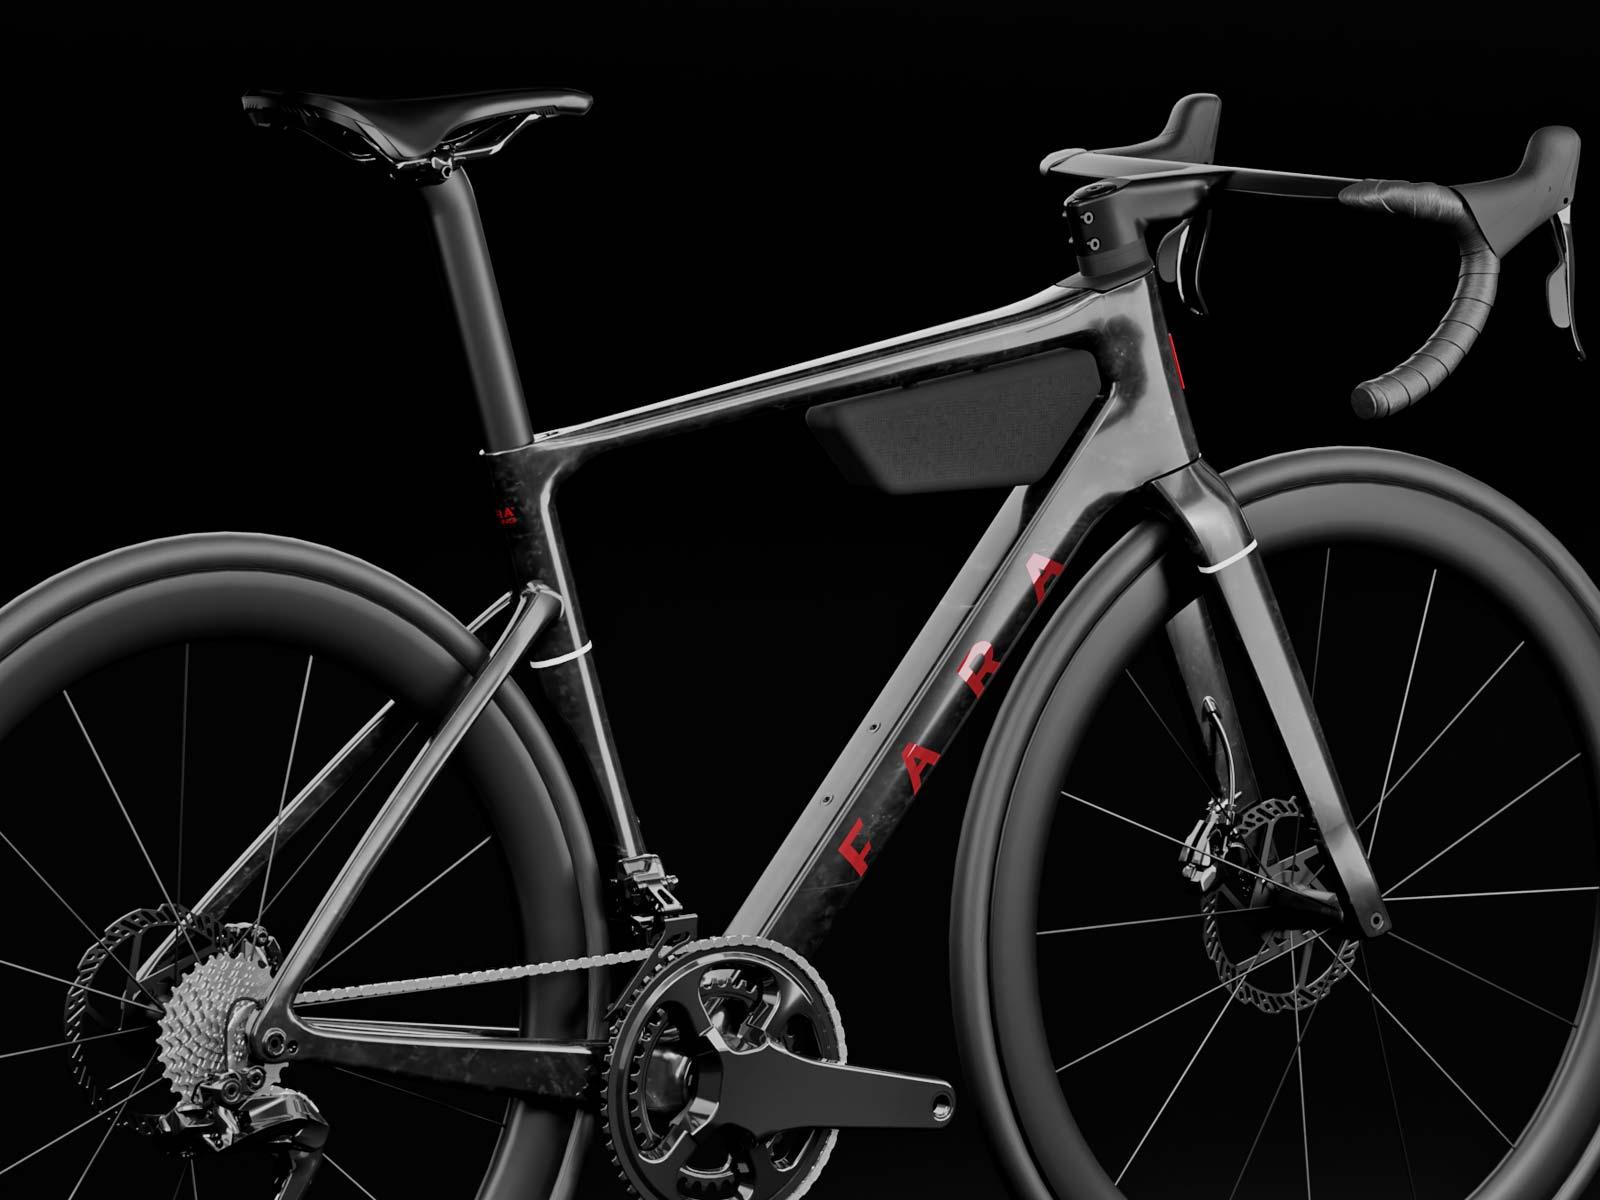 Fara F/RD aero carbon udholdenhed eventyr terrængående cykel, vinklet bag